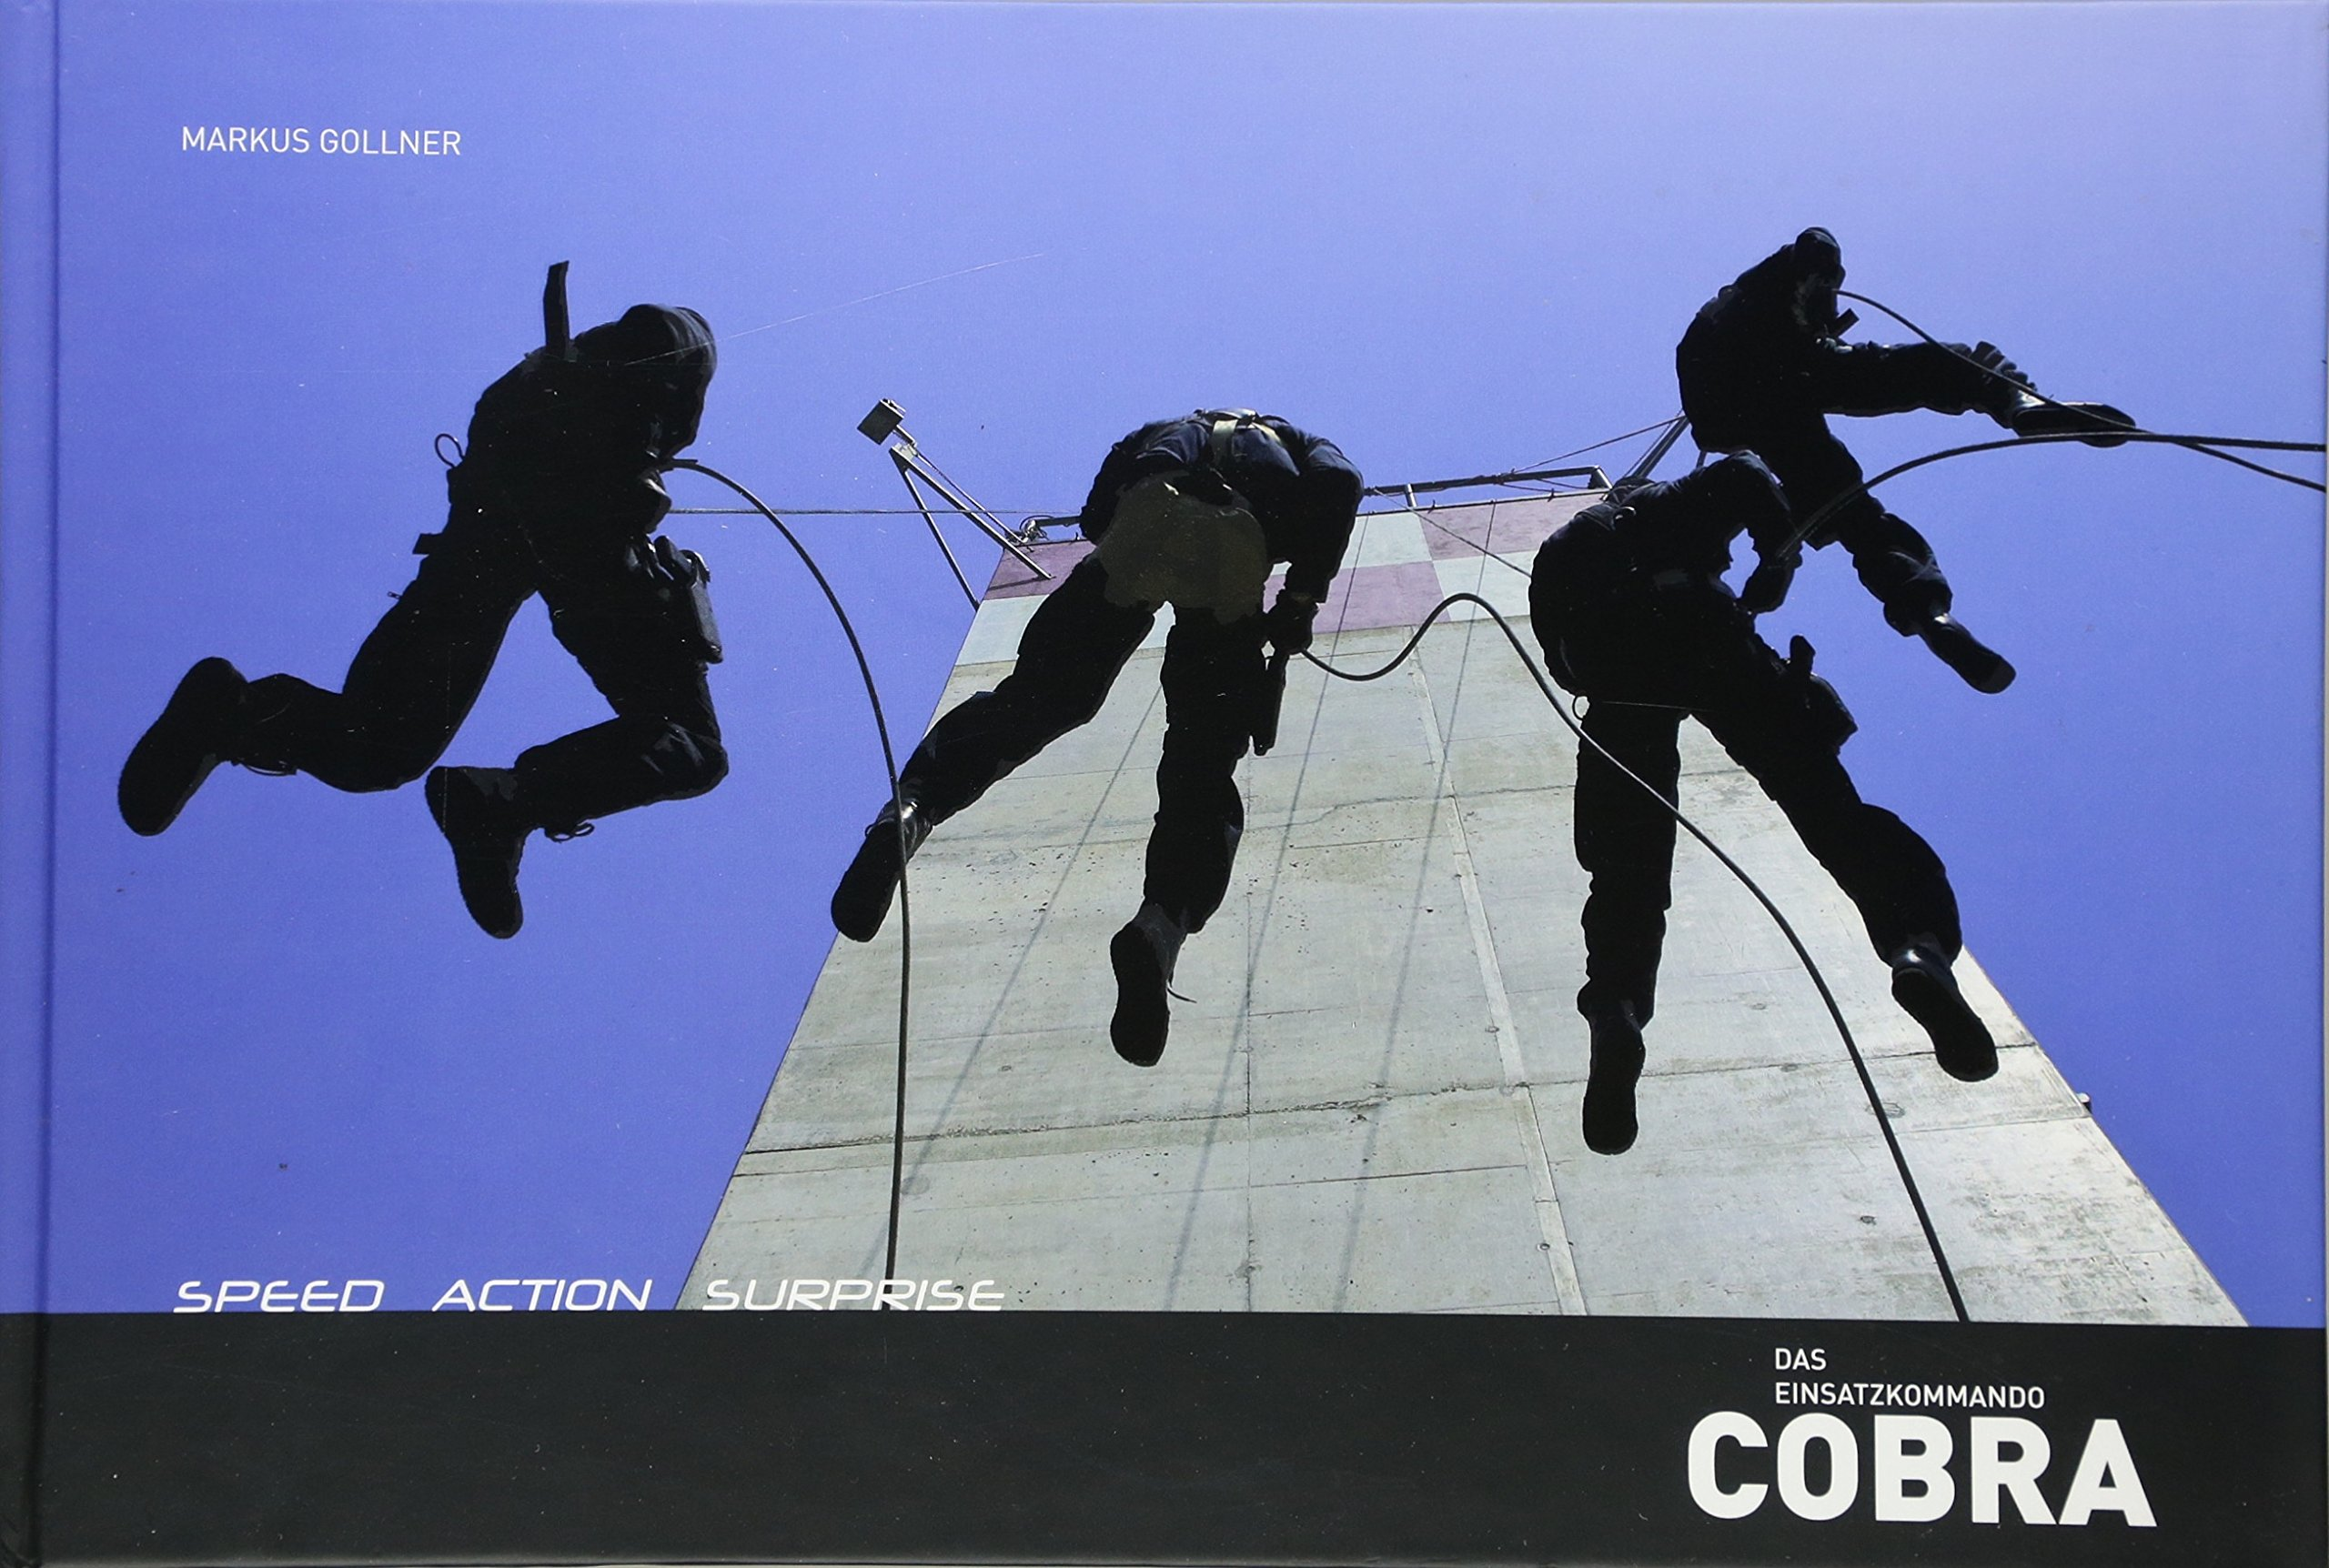 Speed Action Surprise - Das Einsatzkommando COBRA: Speed Action Surprise - The Special Operations Unit COBRA